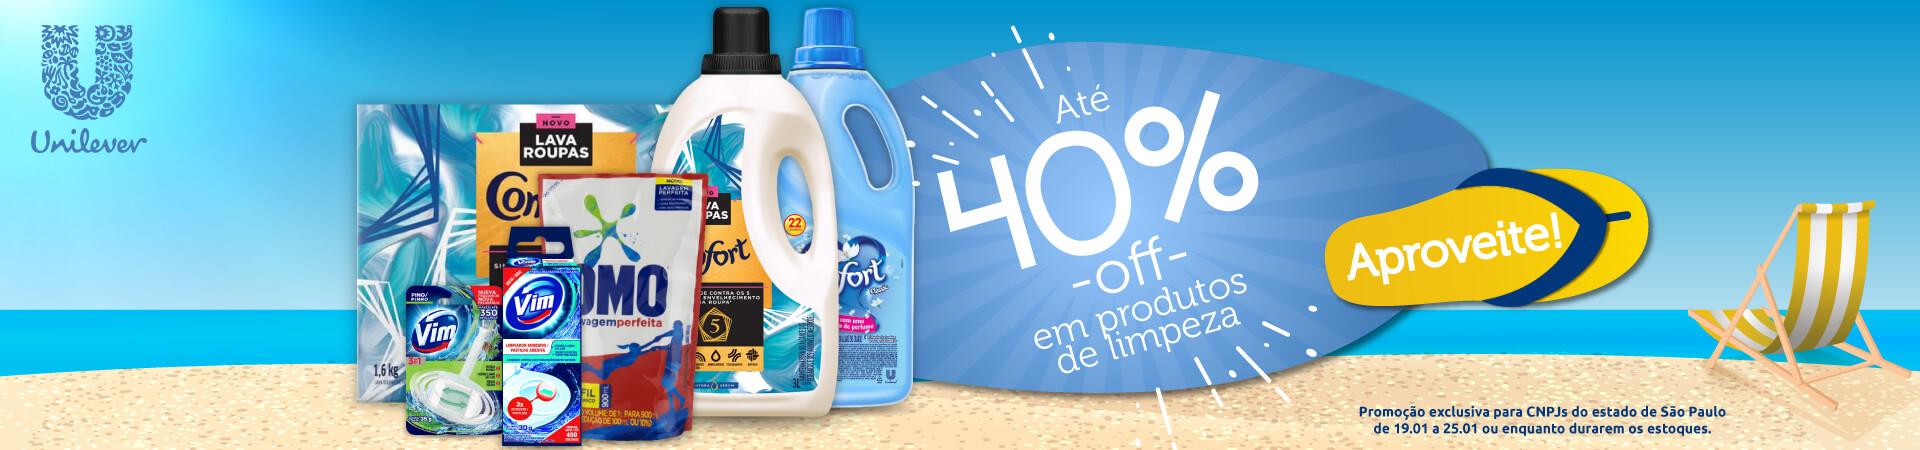 Unilever - Até 40% OFF em produtos de limpeza